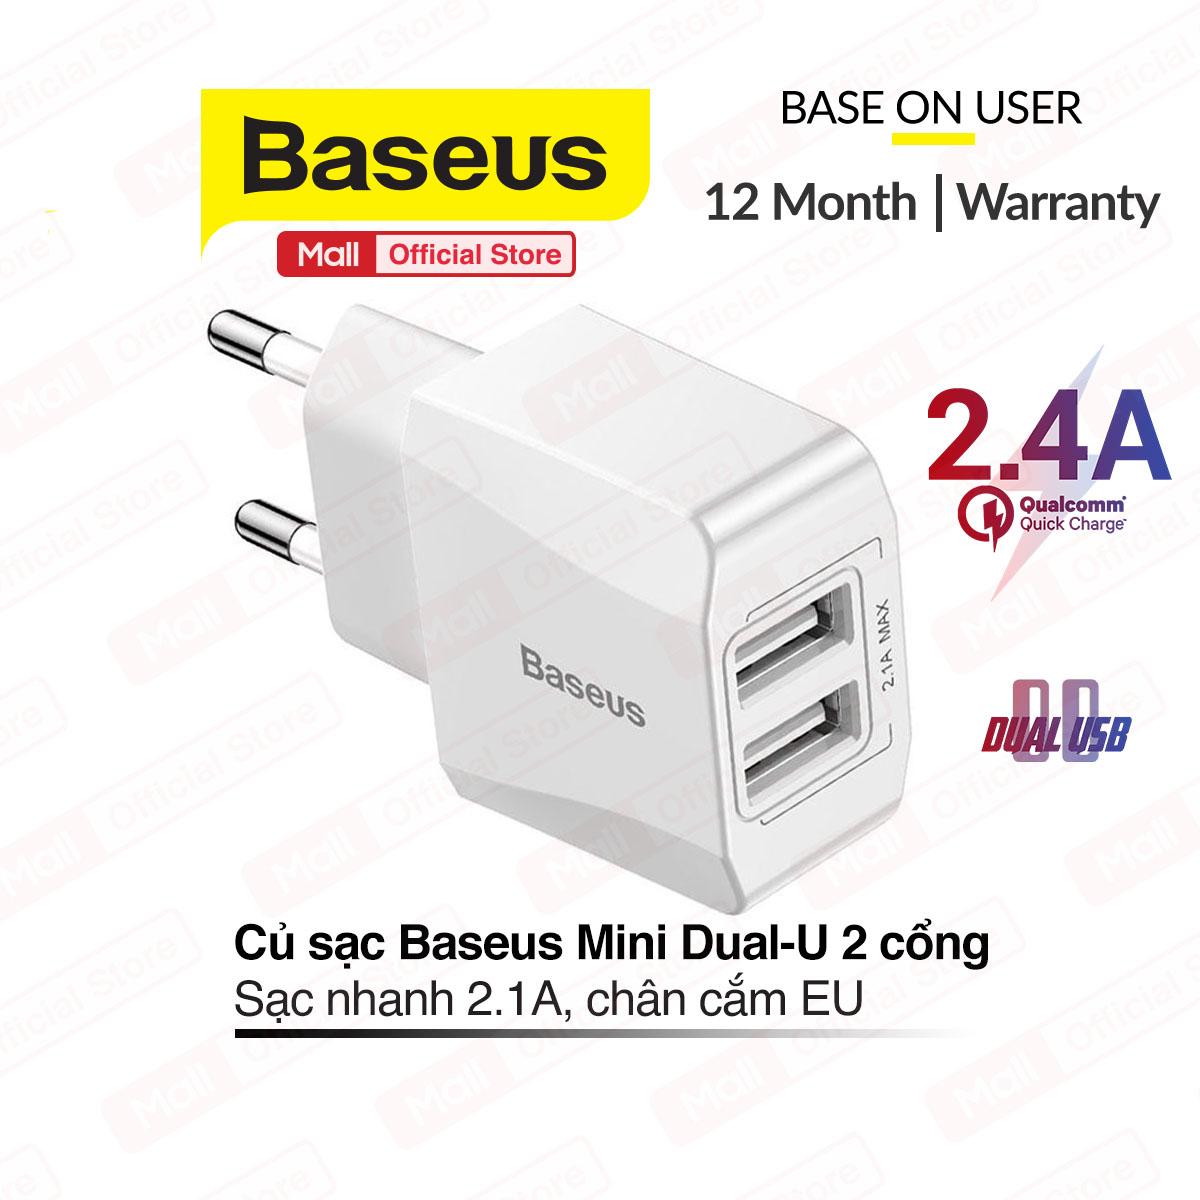 Củ sạc 2 cổng BASEUS Mini Dual-U sạc nhanh 2.1A, 2 cổng tiện lợi sạc được nhiều thiết bị cùng...